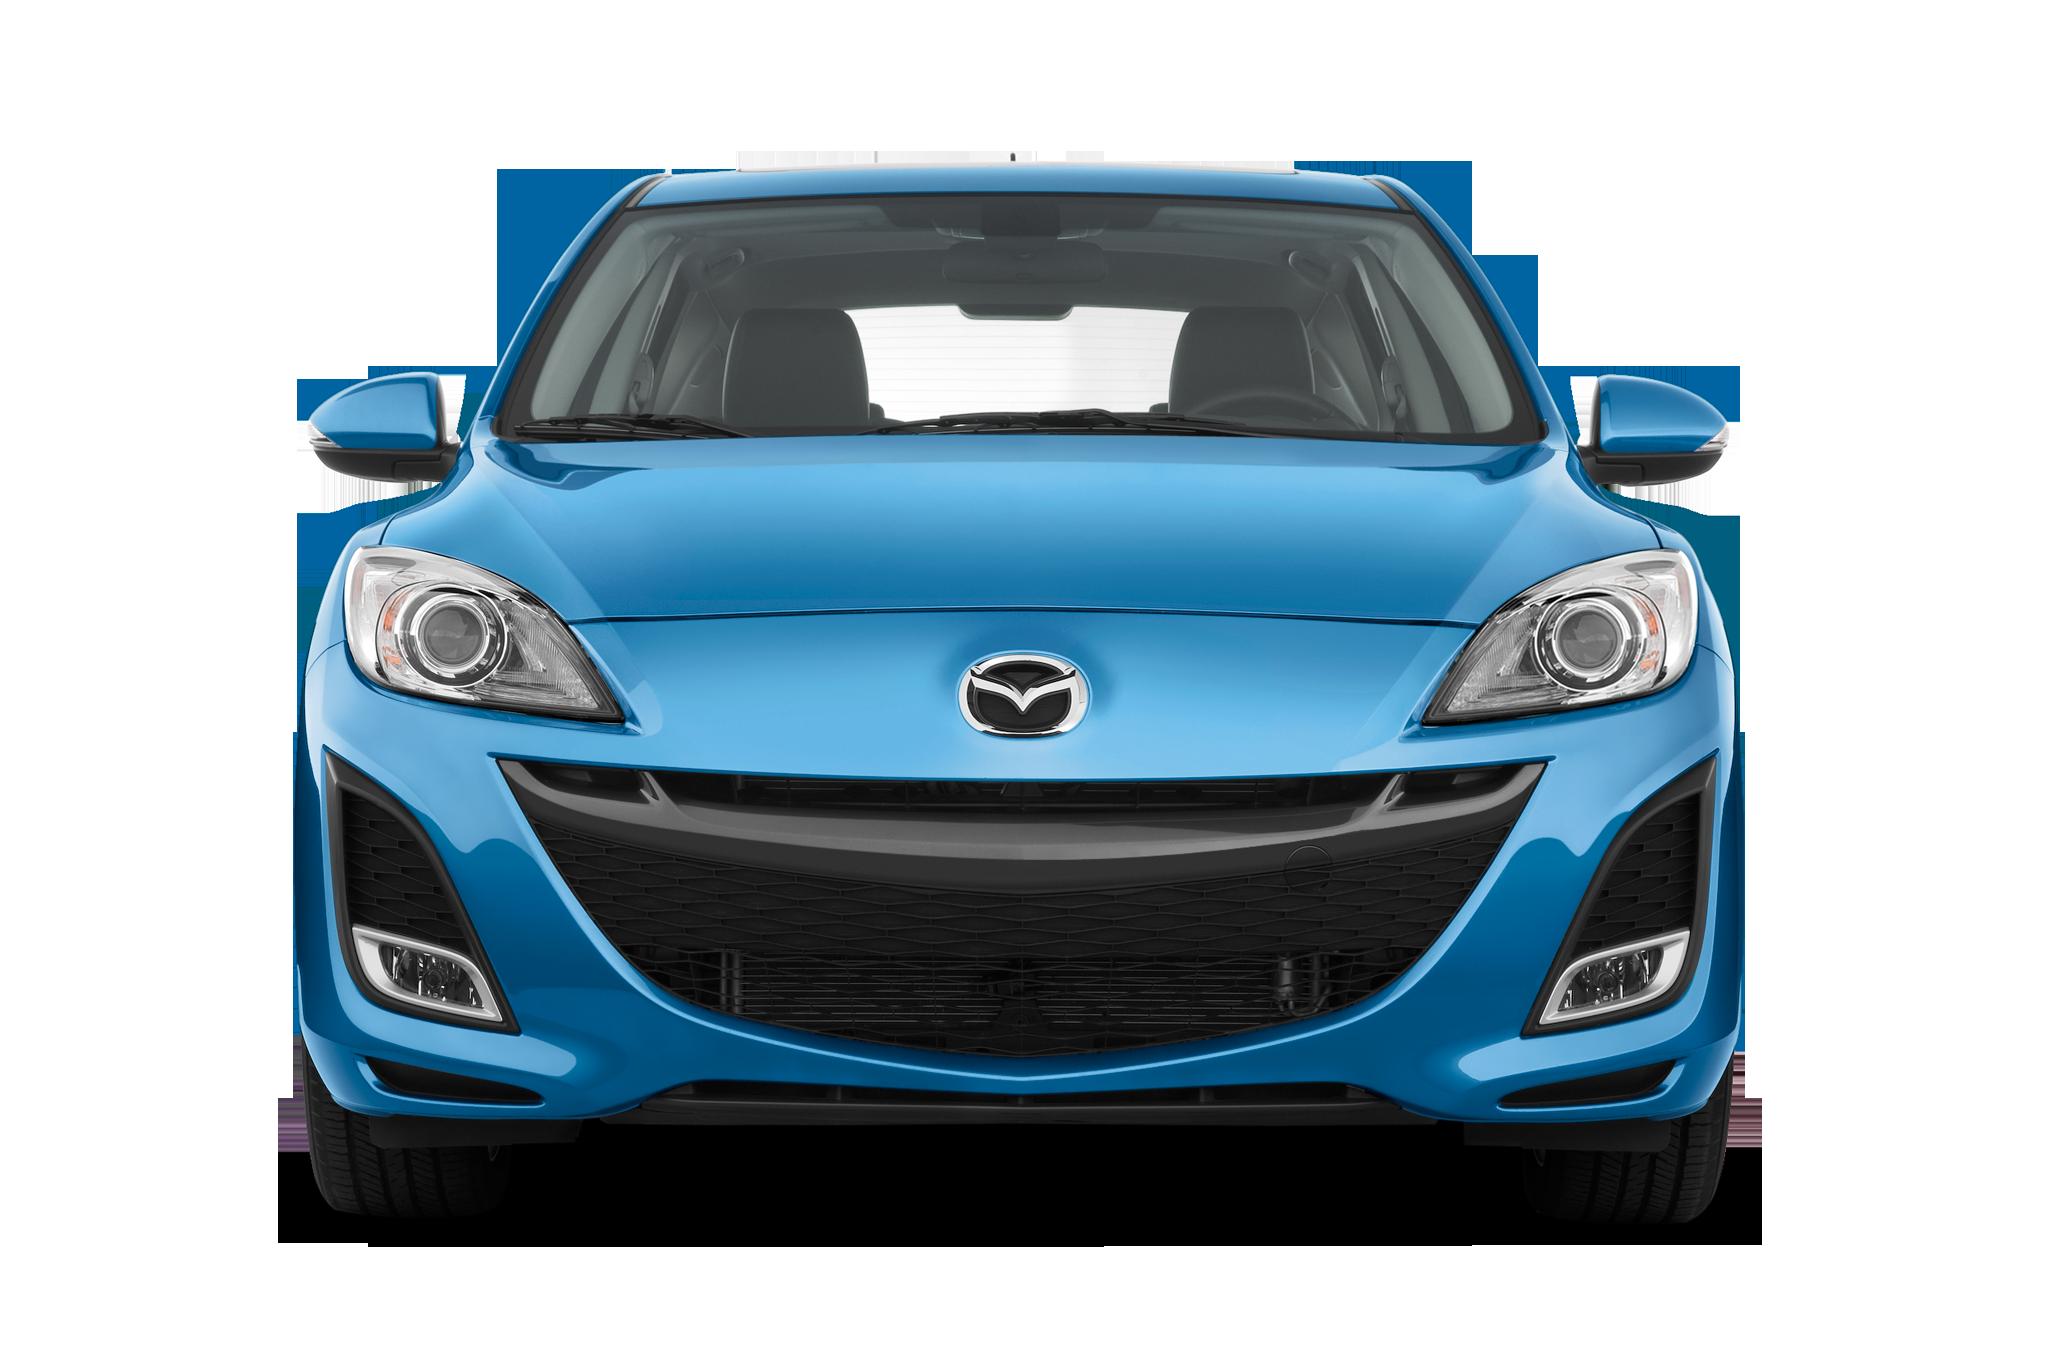 2010 mazda 3 5-door grand touring - mazda 5 door hatchback review